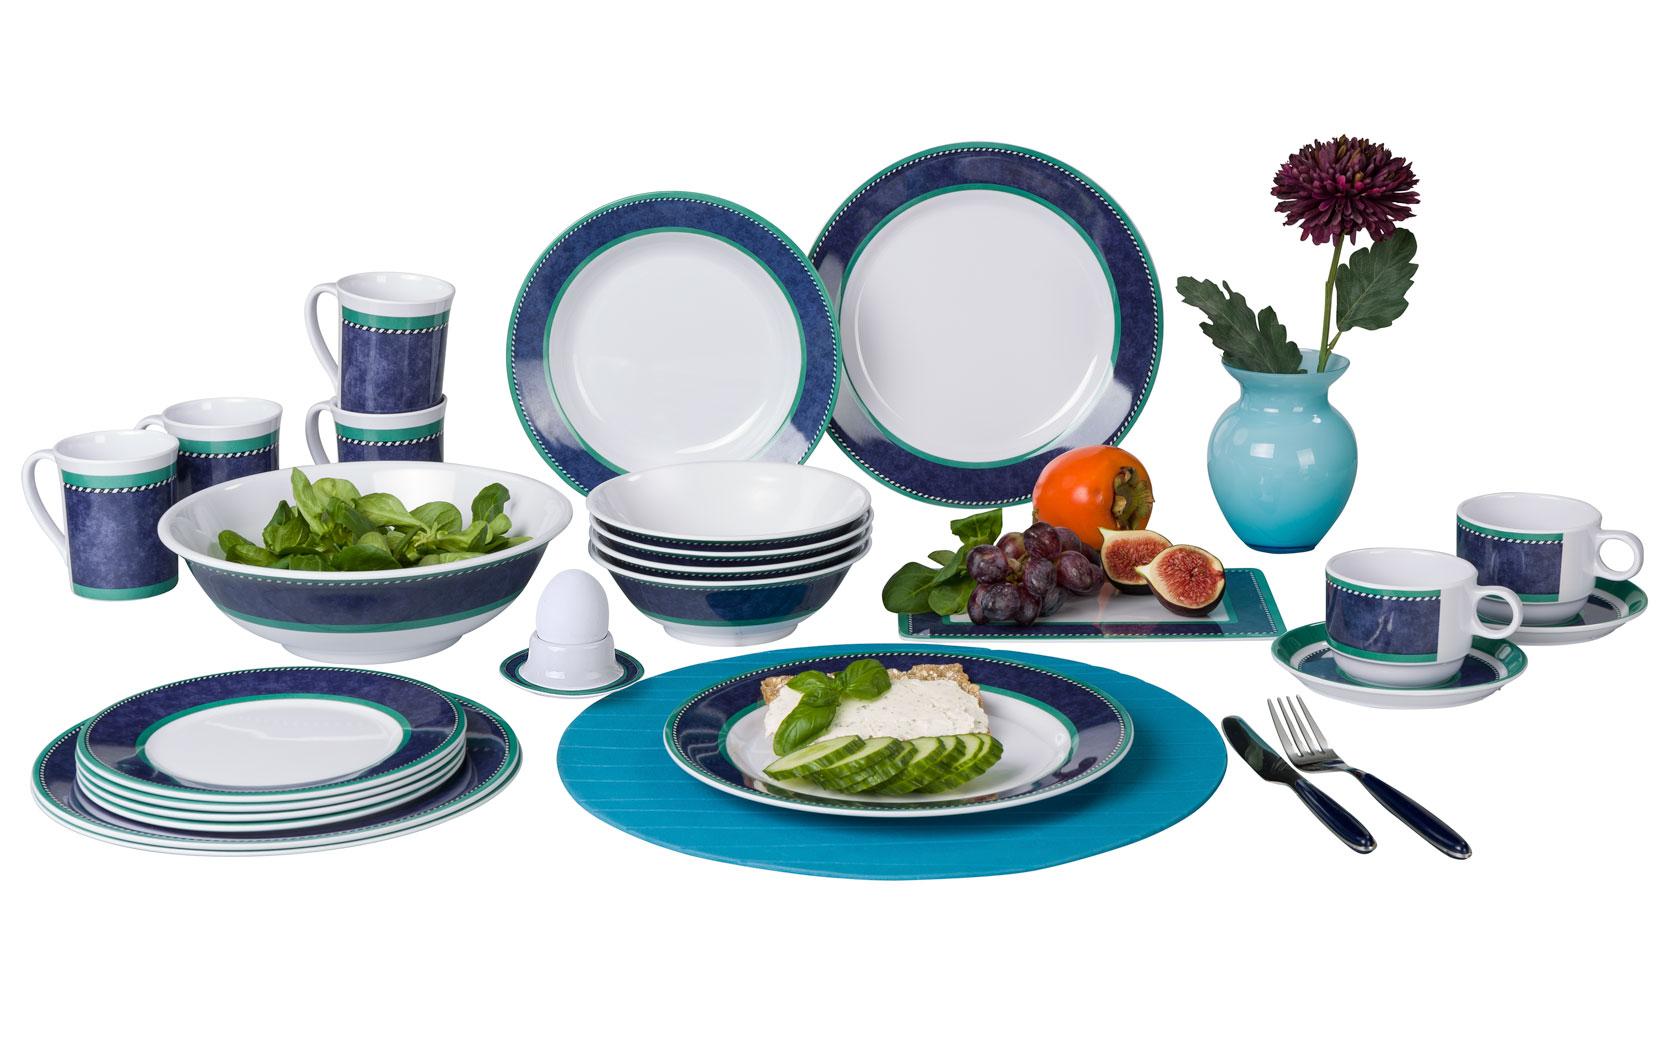 Set Marble blue 16 tlg. | 04024374625665